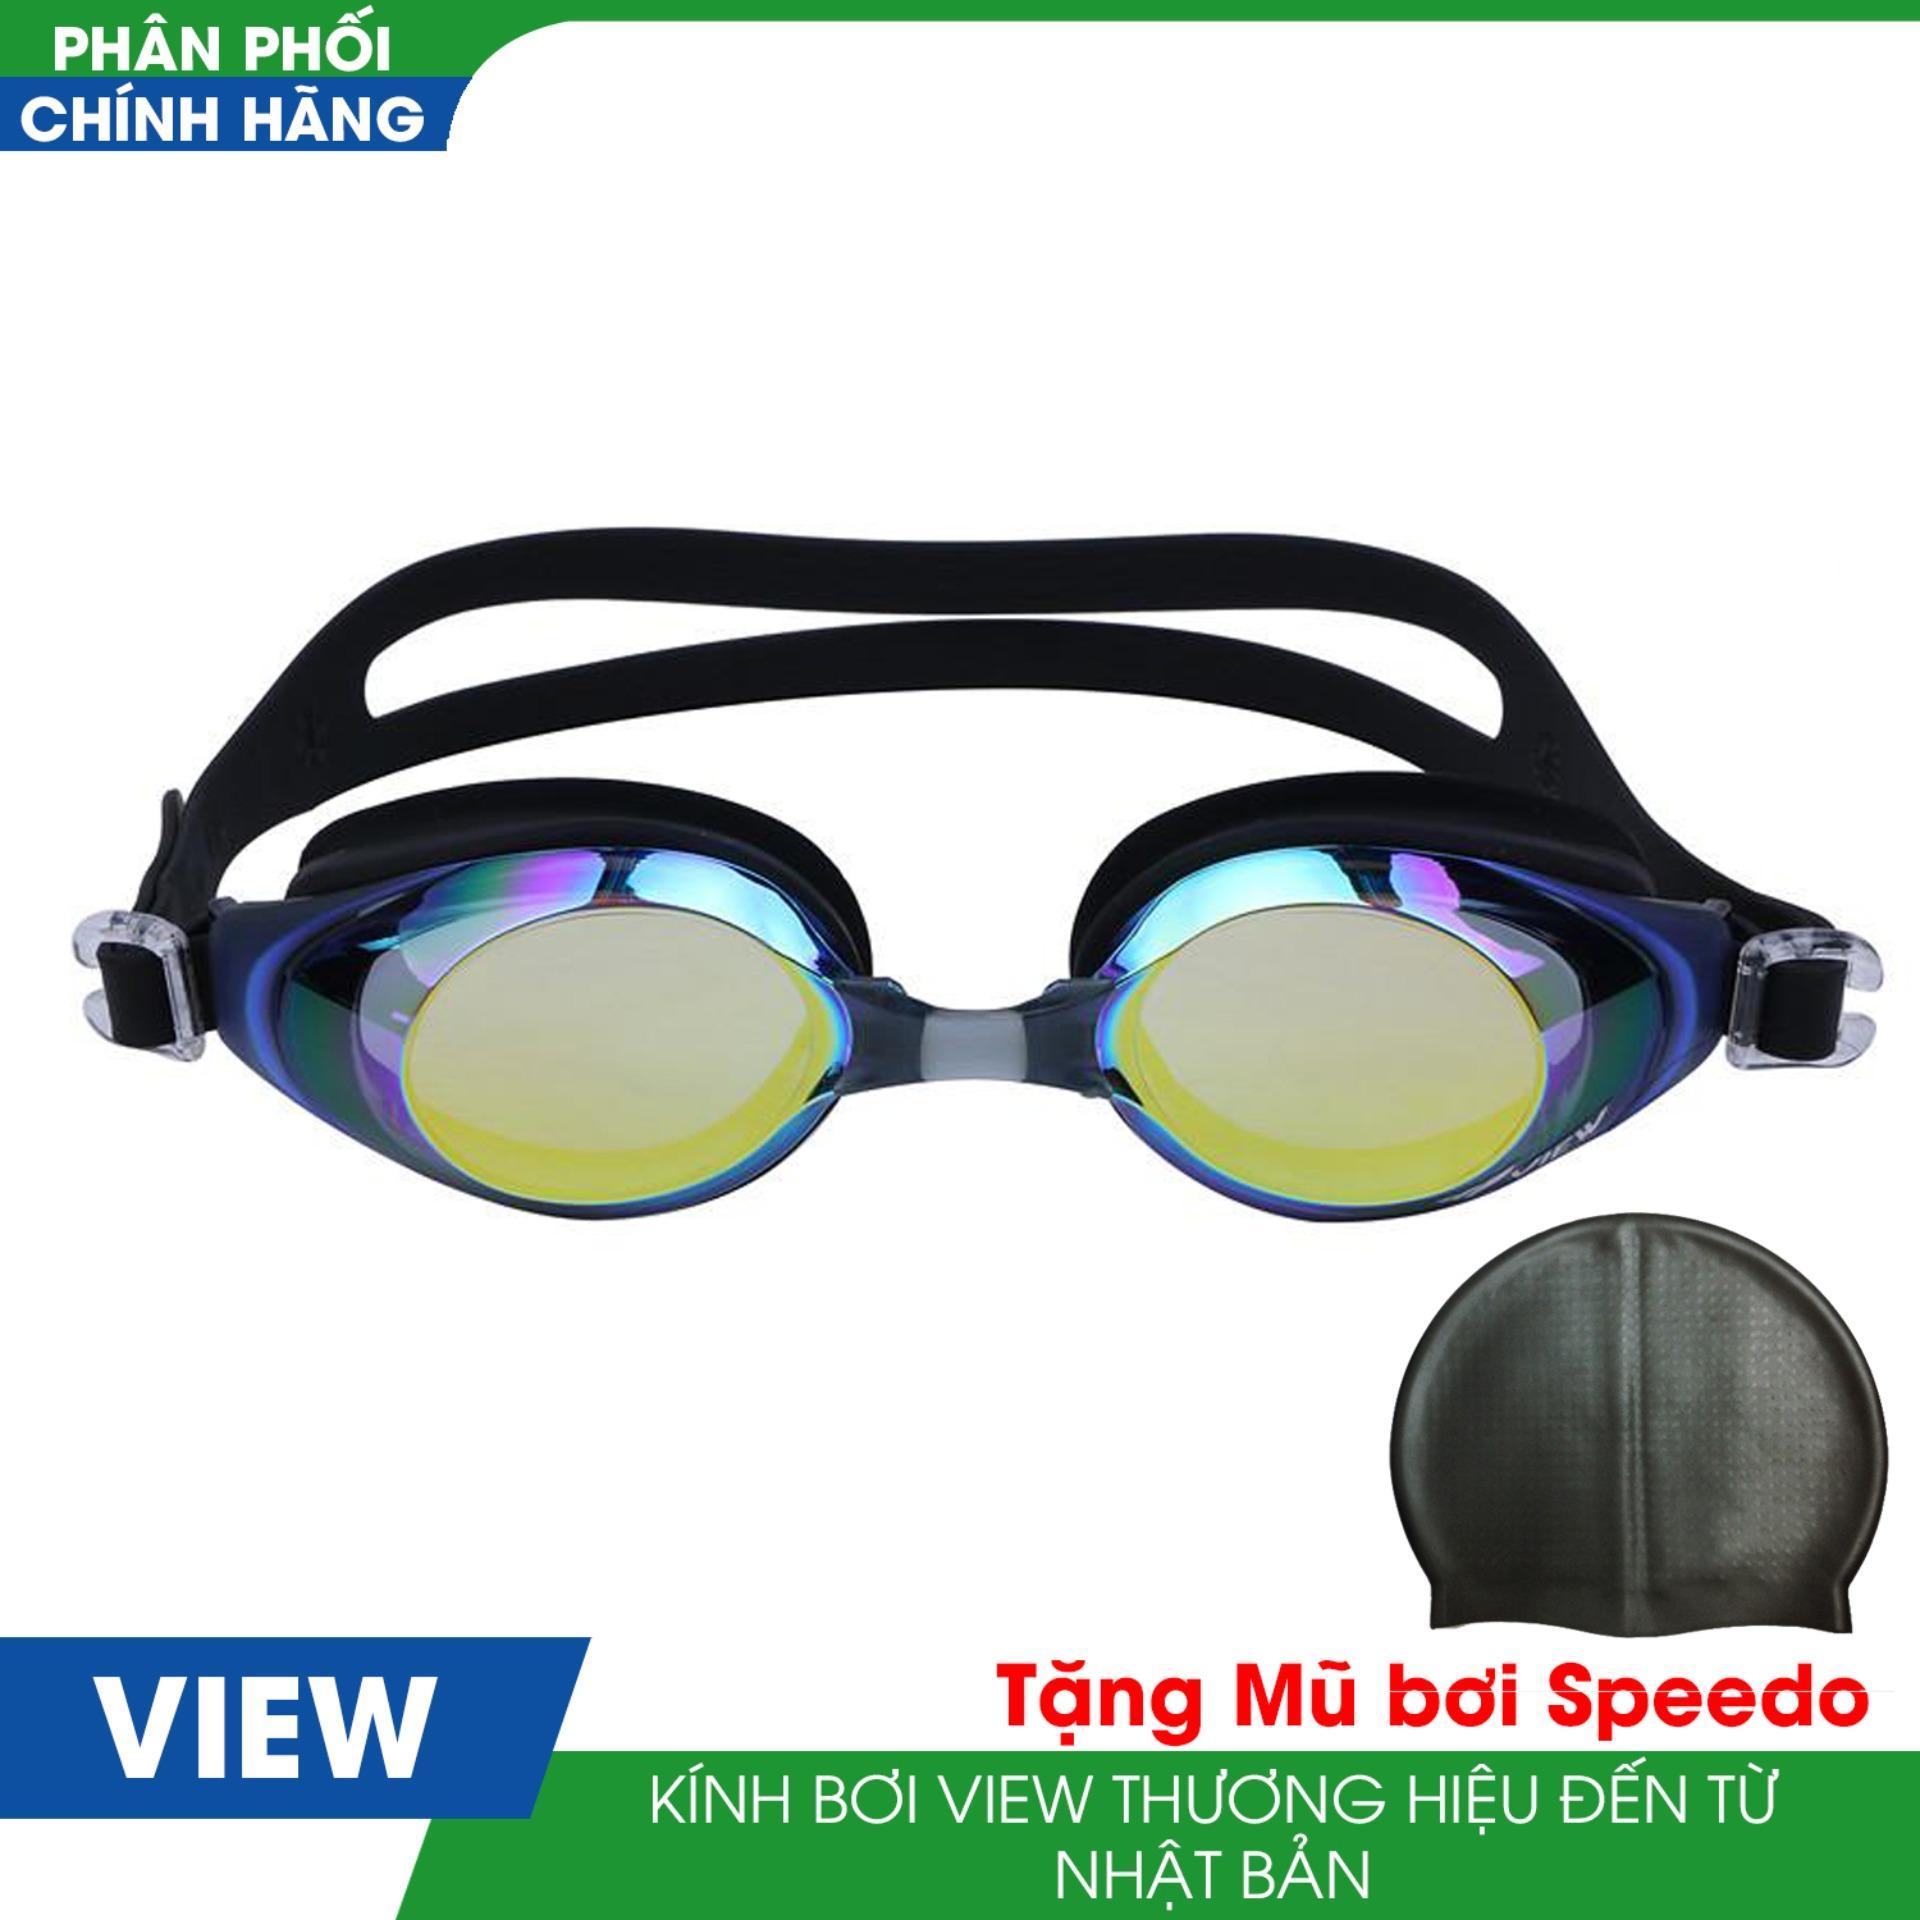 Kính Bơi View V610MR Tráng Gương Đang Giảm Giá